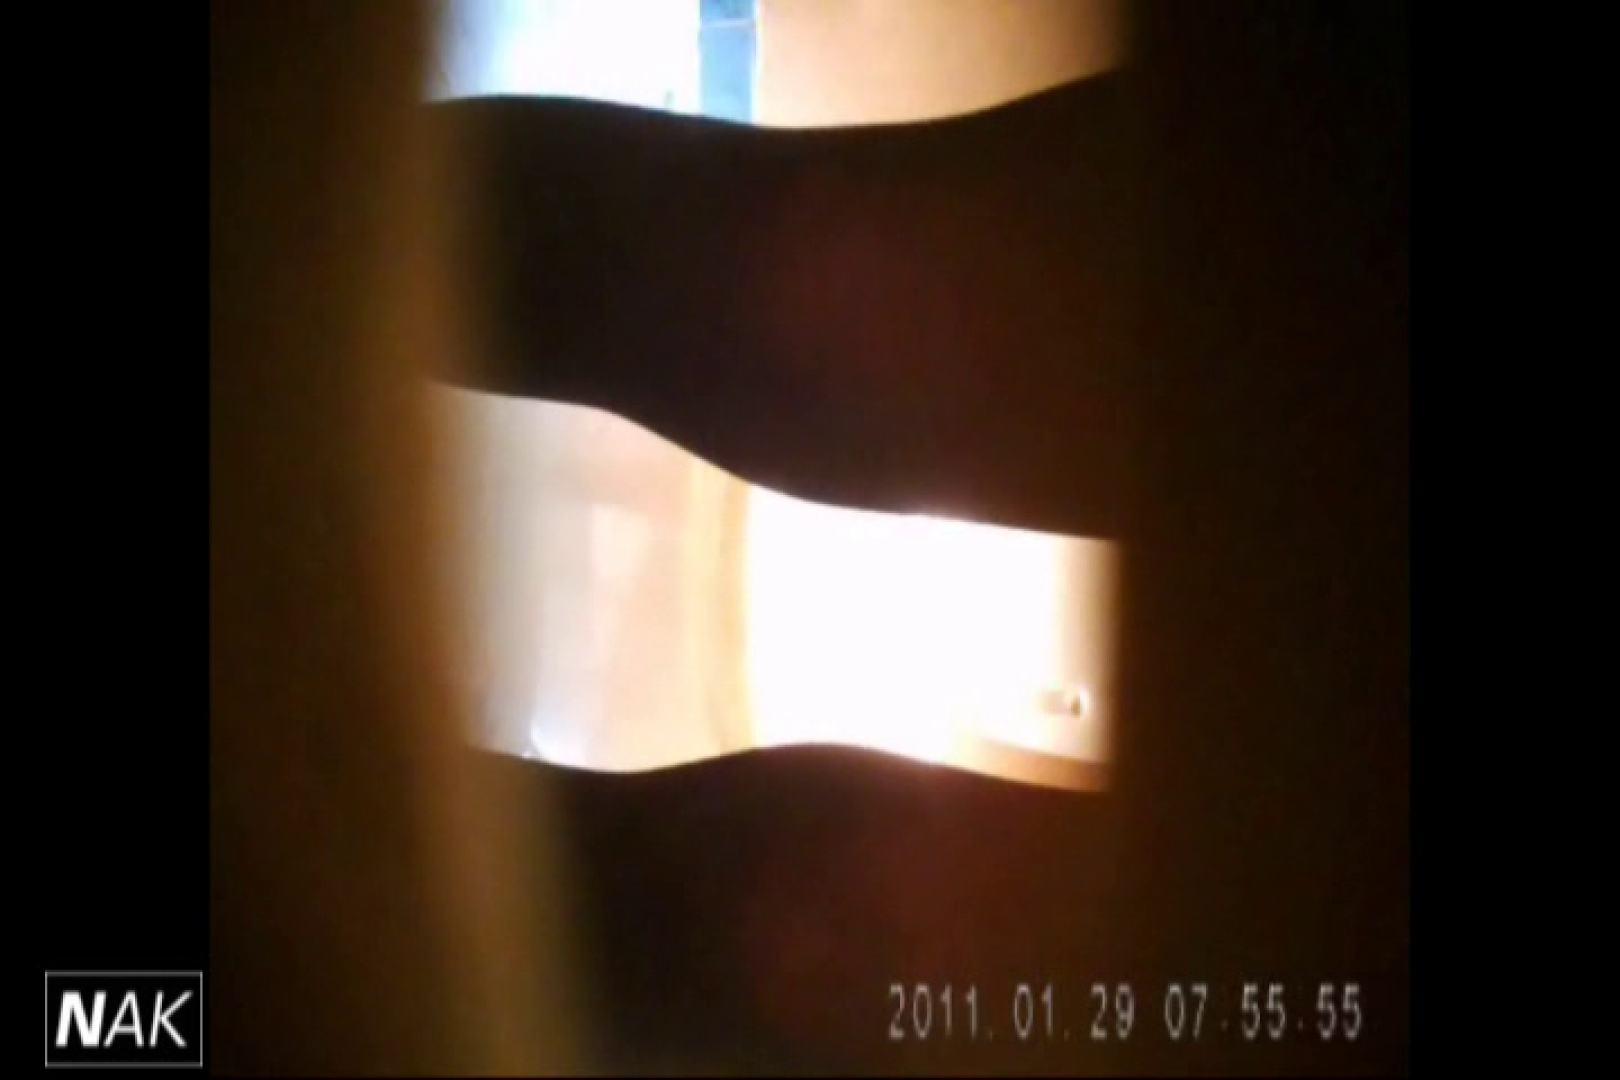 せん八さんの厠観察日記!2点監視カメラ 高画質5000K vol.16 黄金水 盗撮画像 113PIX 87